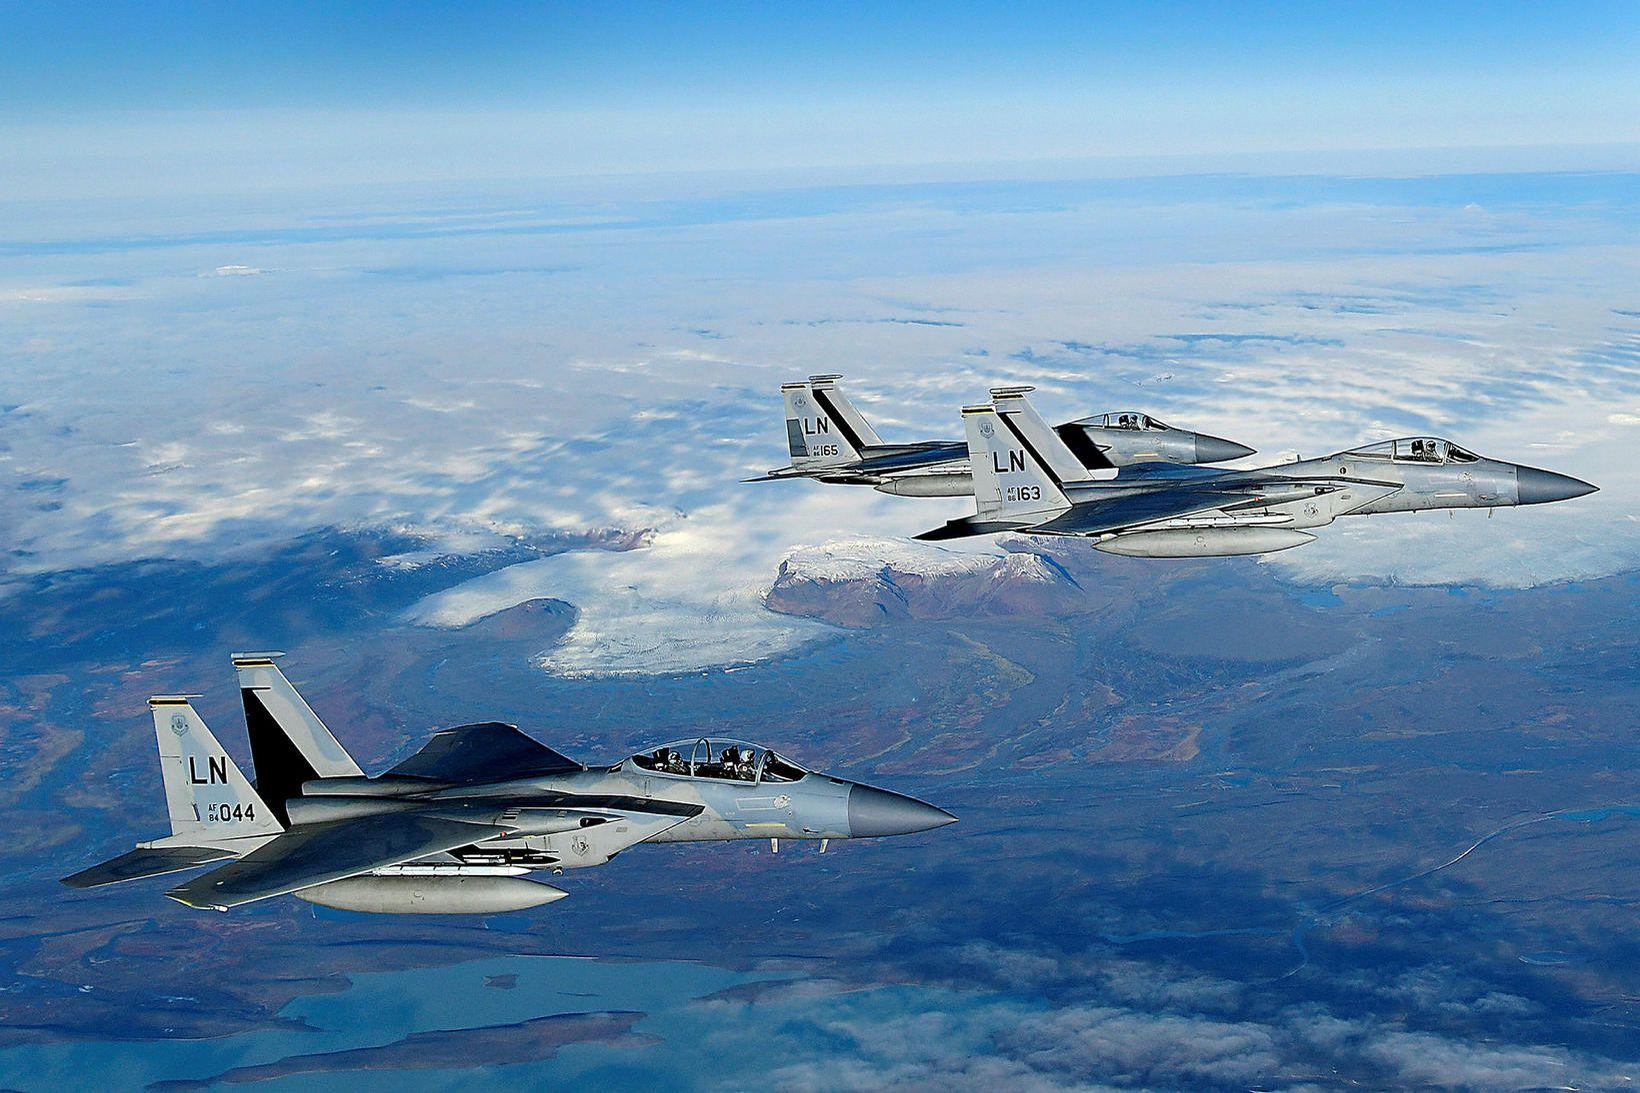 F15-orrustuþotur bandaríska flughersins yfirgefa landið í dag. Hofsjökull í bakgrunni …